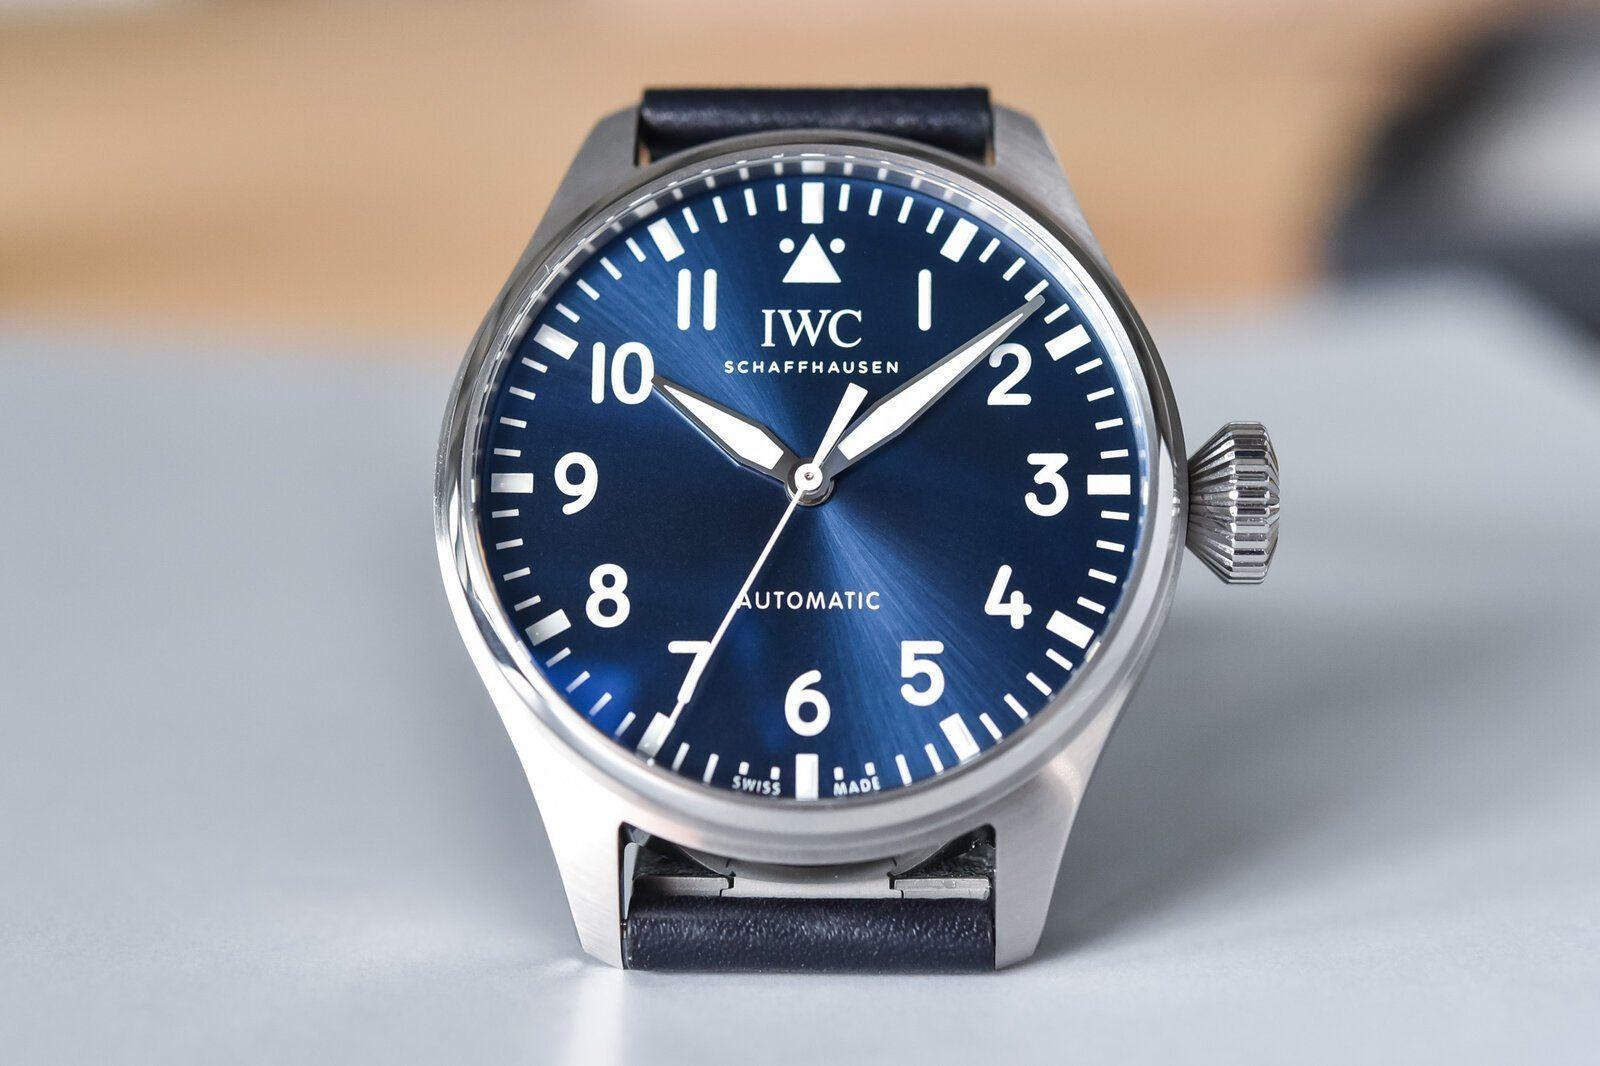 2021-IWC-Big-Pilots-Watch-43-review-10.jpg